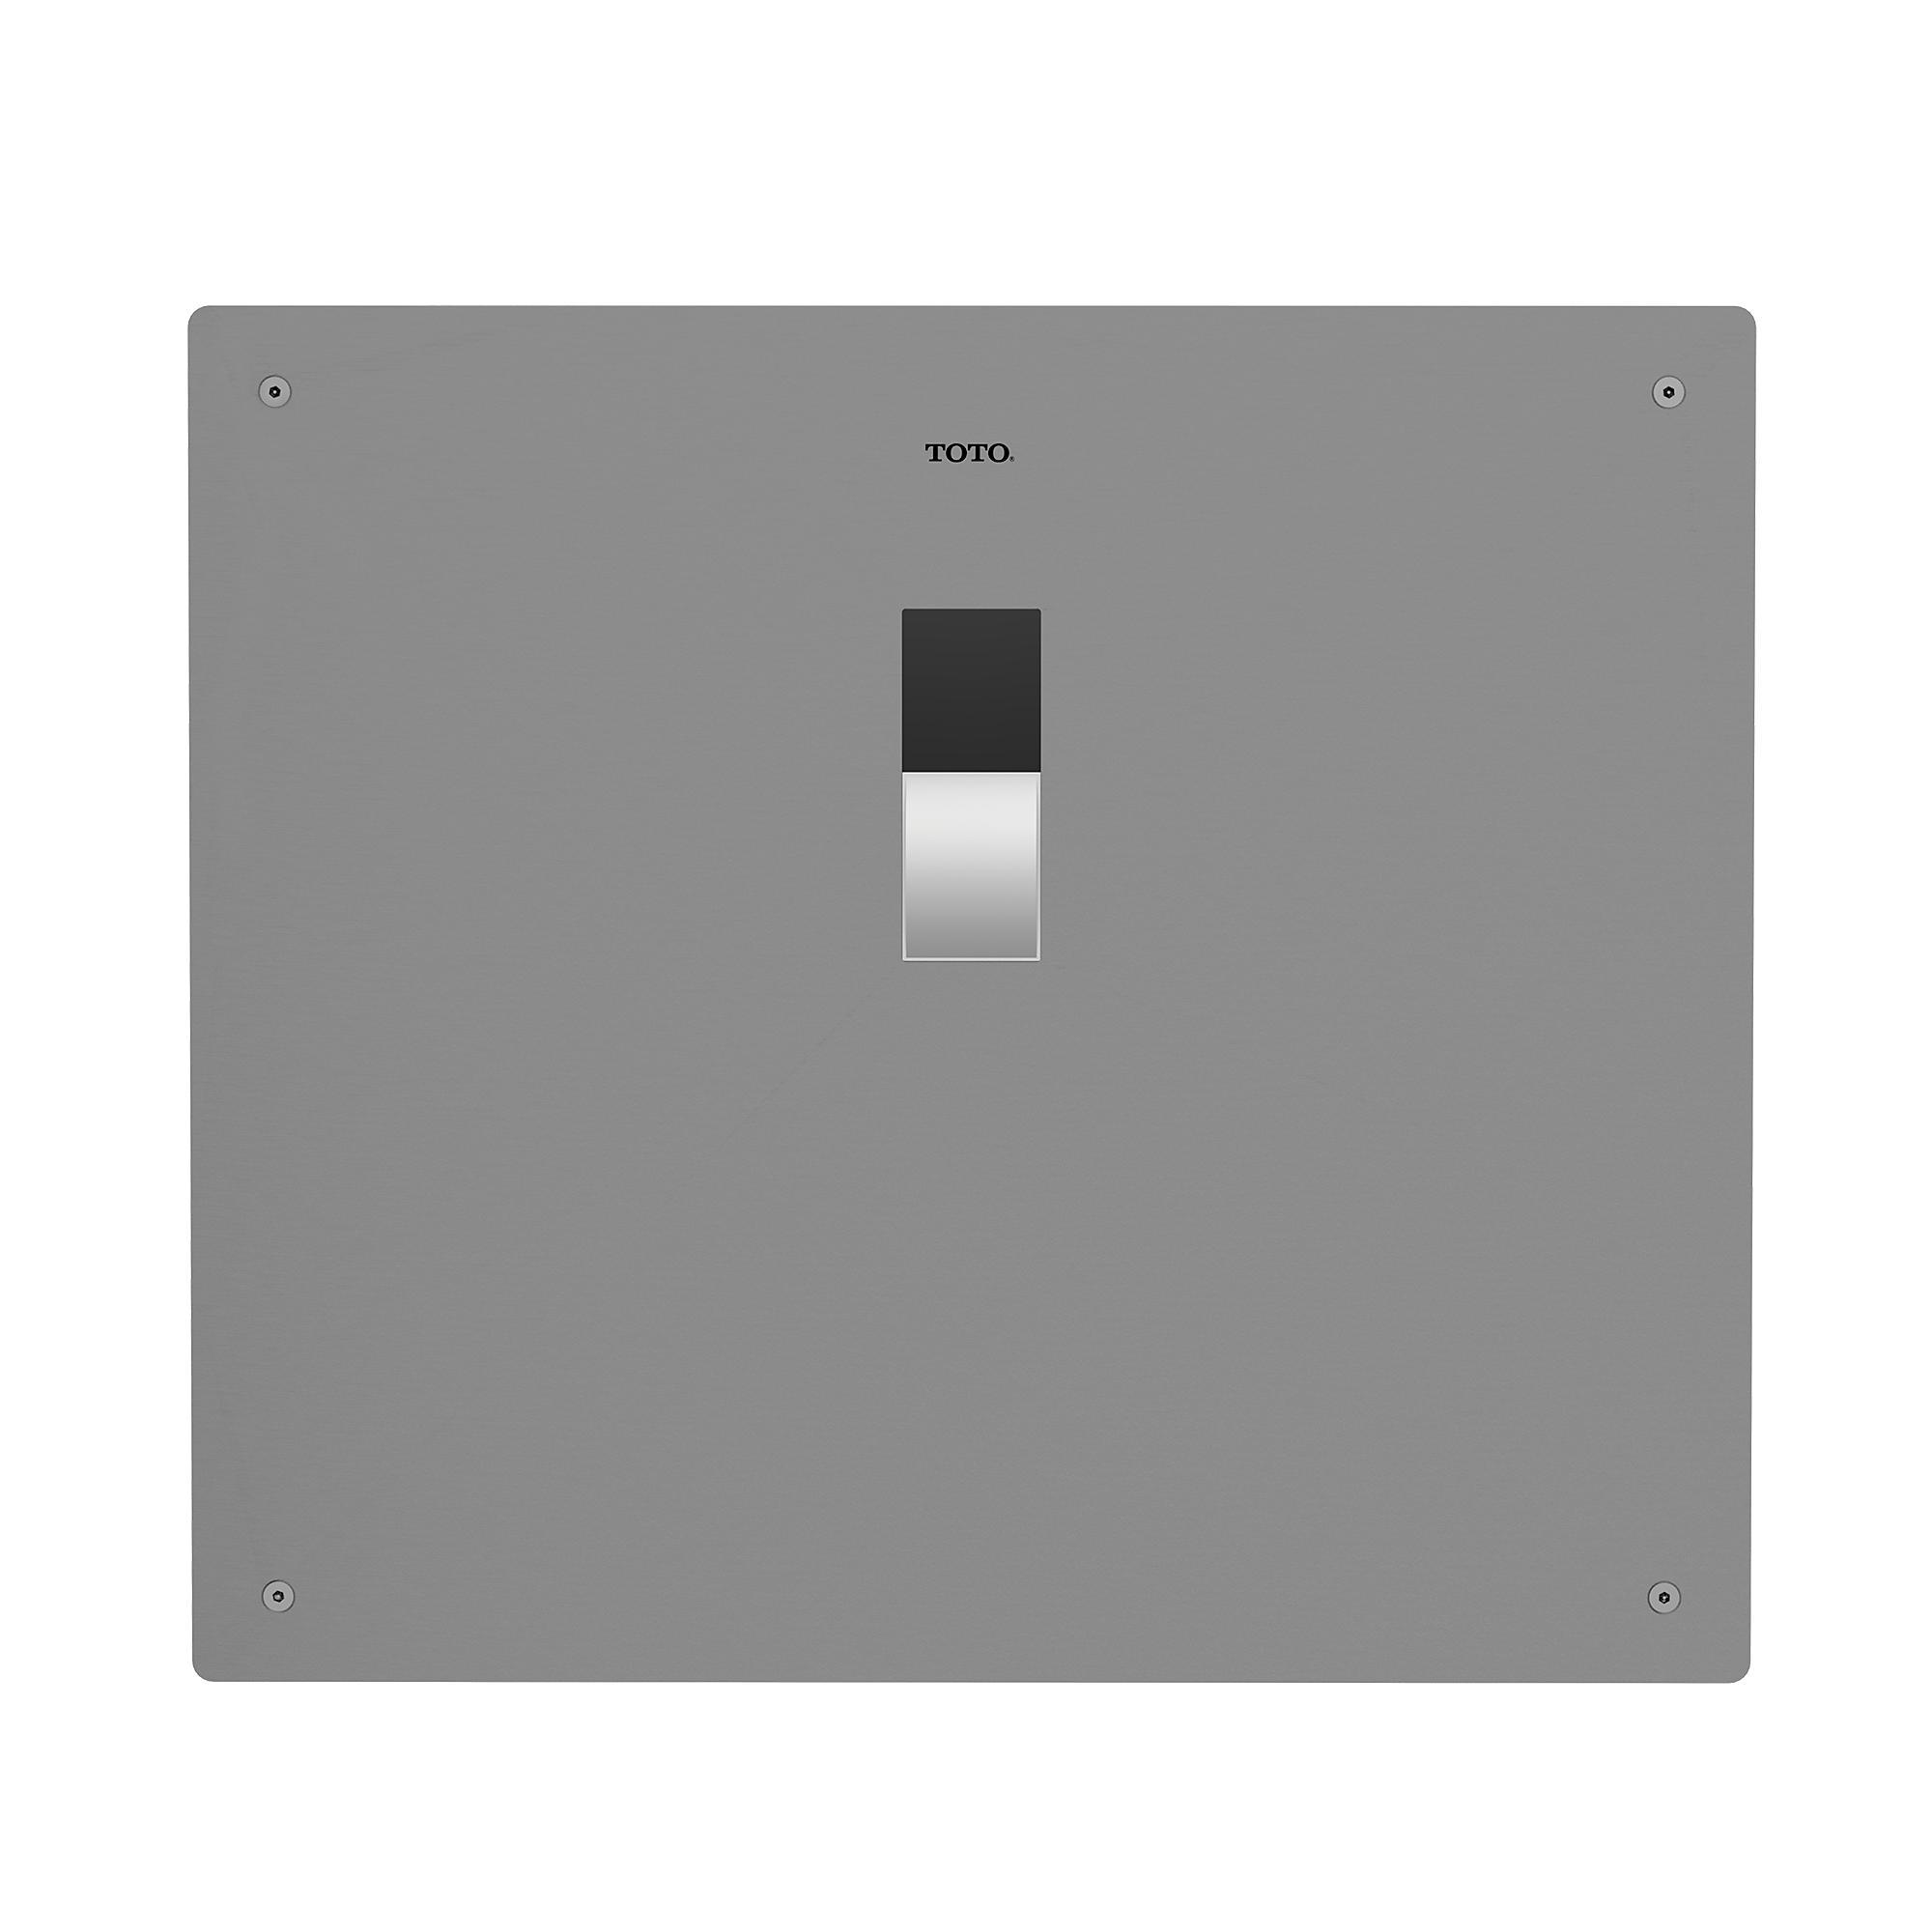 Tet2la31 ss ecopower  high efficiency concealed toilet flush valve   1 28 gpf  v b set   back spud wall  0